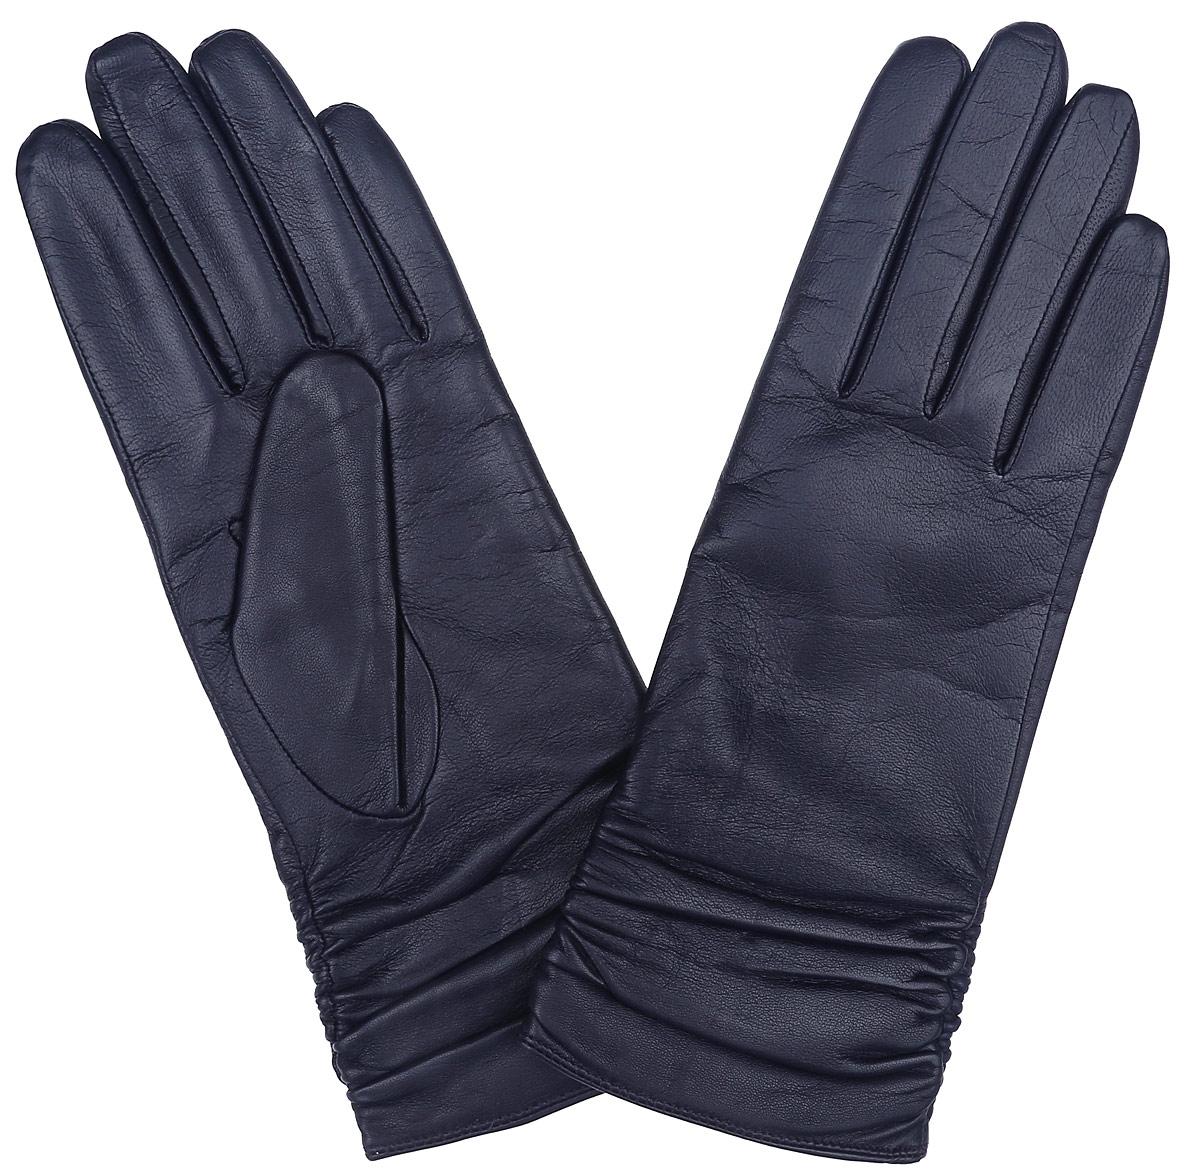 ПерчаткиLB-8228Классические женские перчатки Labbra не только защитят ваши руки, но и станут великолепным украшением. Перчатки выполнены из чрезвычайно мягкой и приятной на ощупь натуральной кожи ягненка, а их подкладка - из натуральной шерсти с добавлением акрила. Модель декорирована сборкой по всей длине манжеты. В настоящее время перчатки являются неотъемлемой принадлежностью одежды, вместе с этим аксессуаром вы обретаете женственность и элегантность. Перчатки станут завершающим и подчеркивающим элементом вашего стиля и неповторимости.